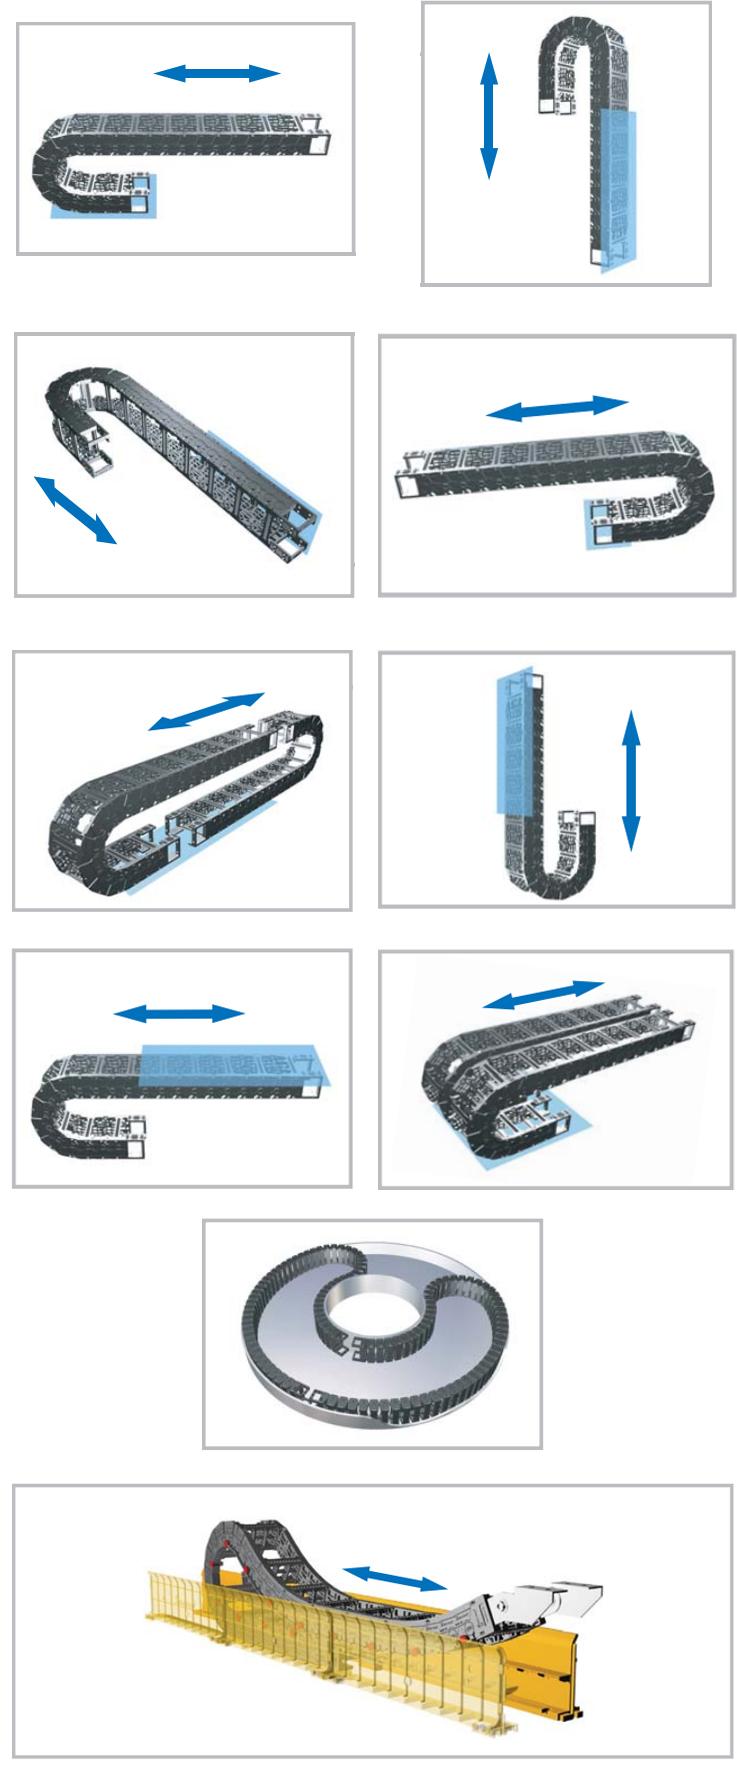 Основные типы систем защиты кабелей (типы кабель каналов)